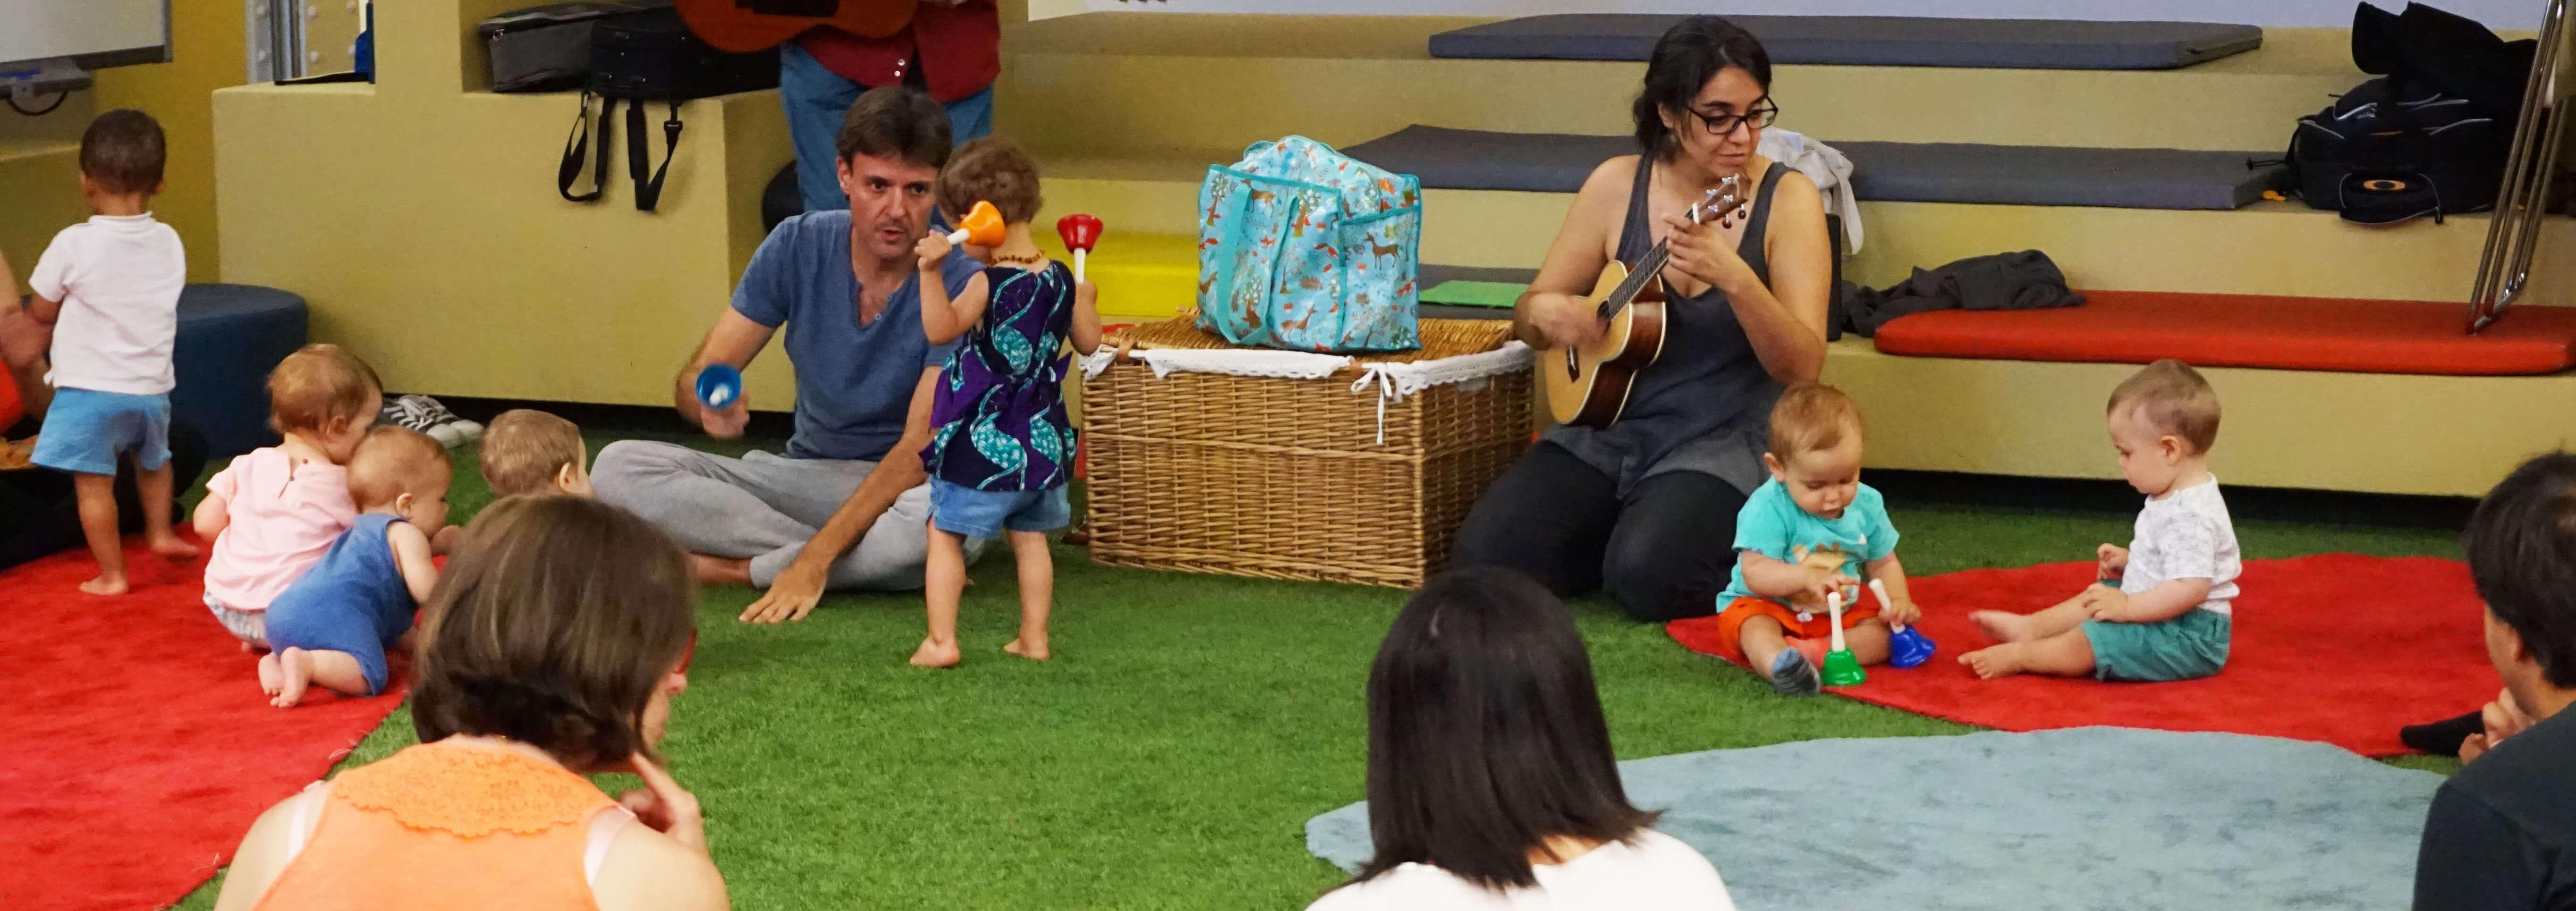 clases de música para bebés Casa del Lector